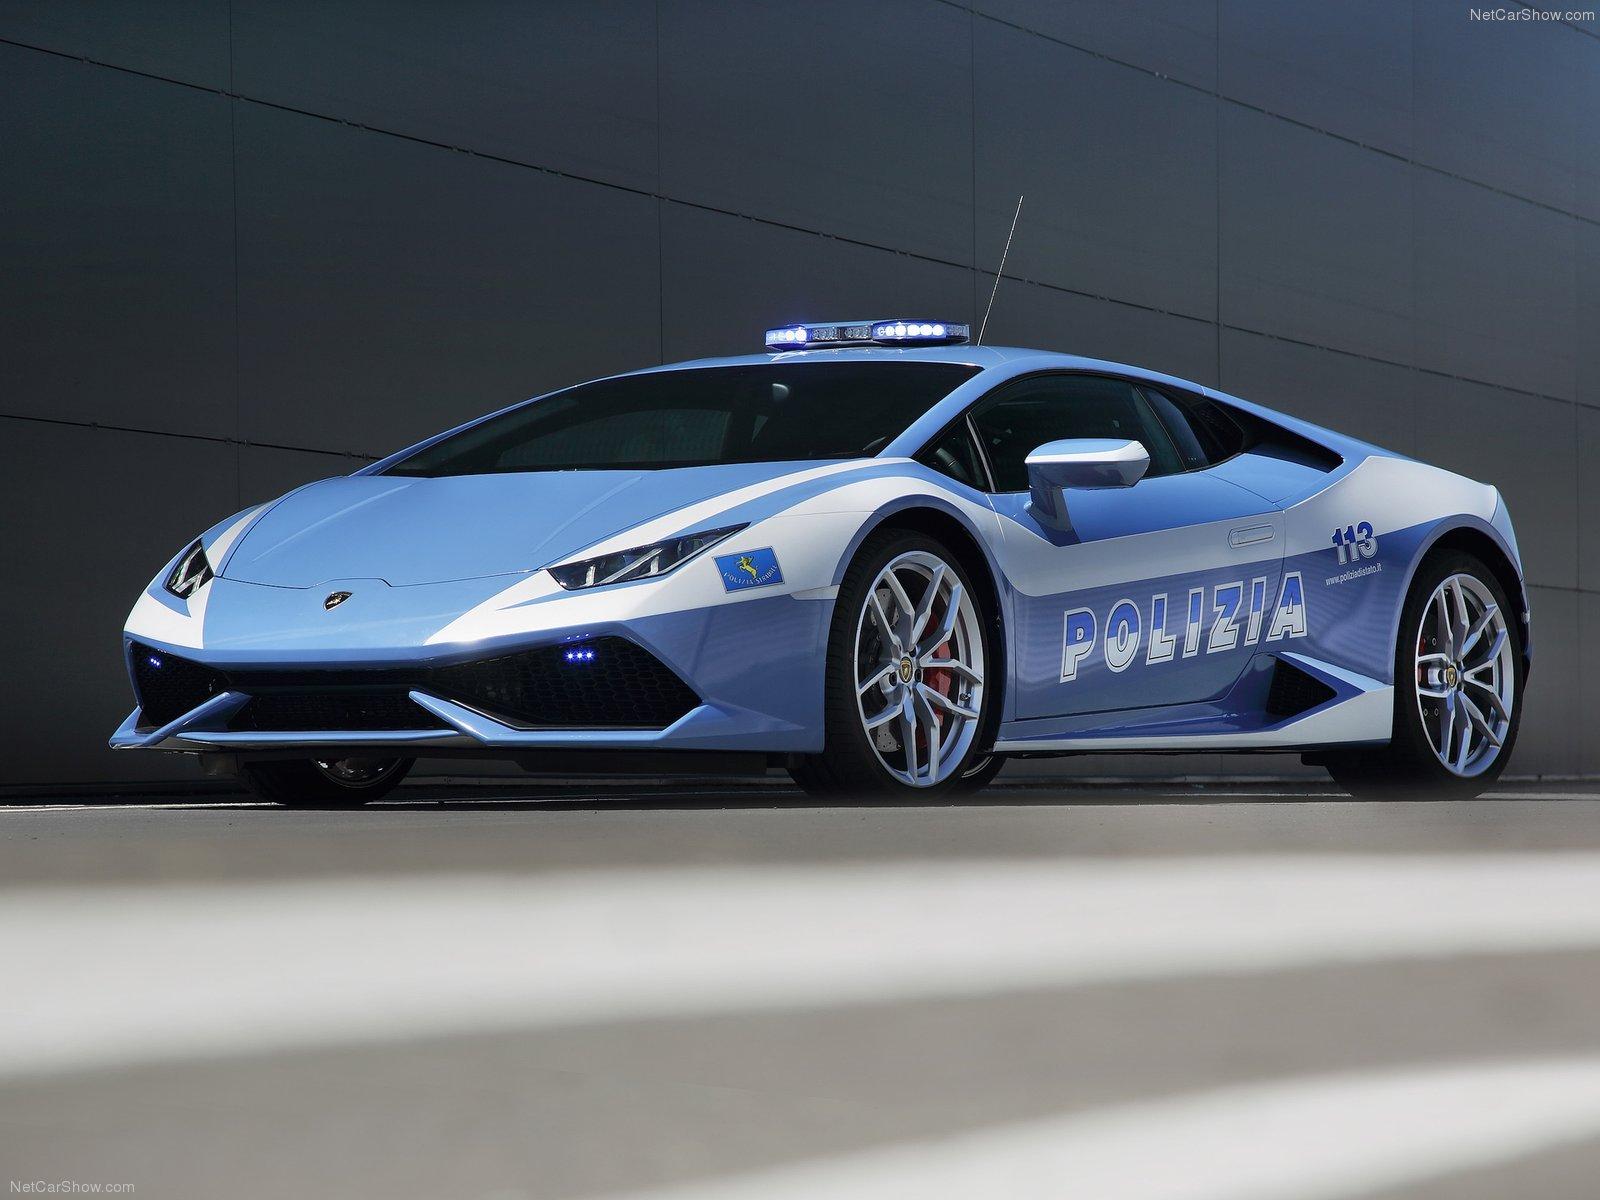 Hình ảnh siêu xe Lamborghini Huracan LP610-4 Polizia 2015 & nội ngoại thất